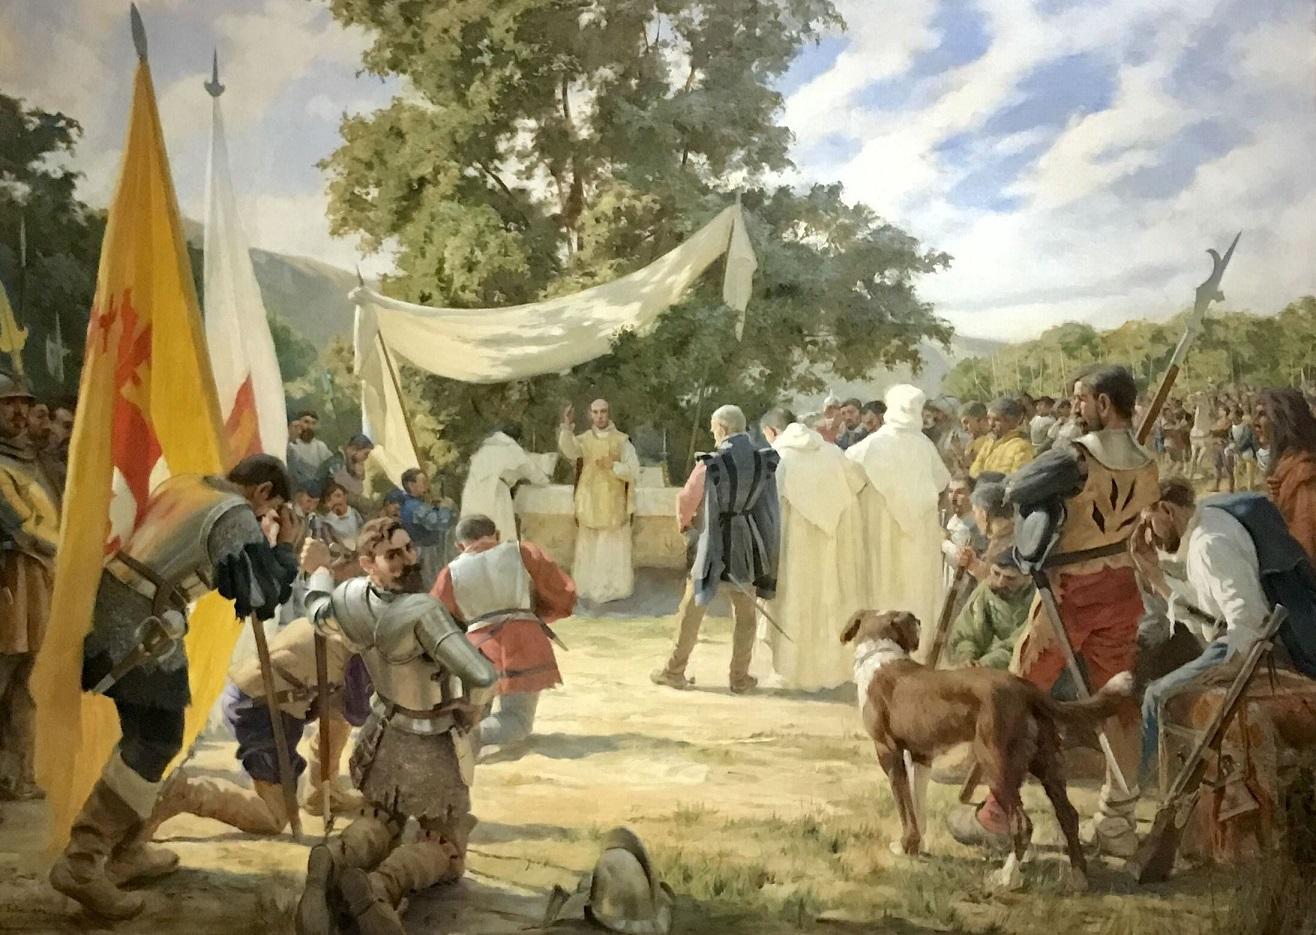 Исполнилось 525 лет со дня совершения первой Мессы на американском континенте